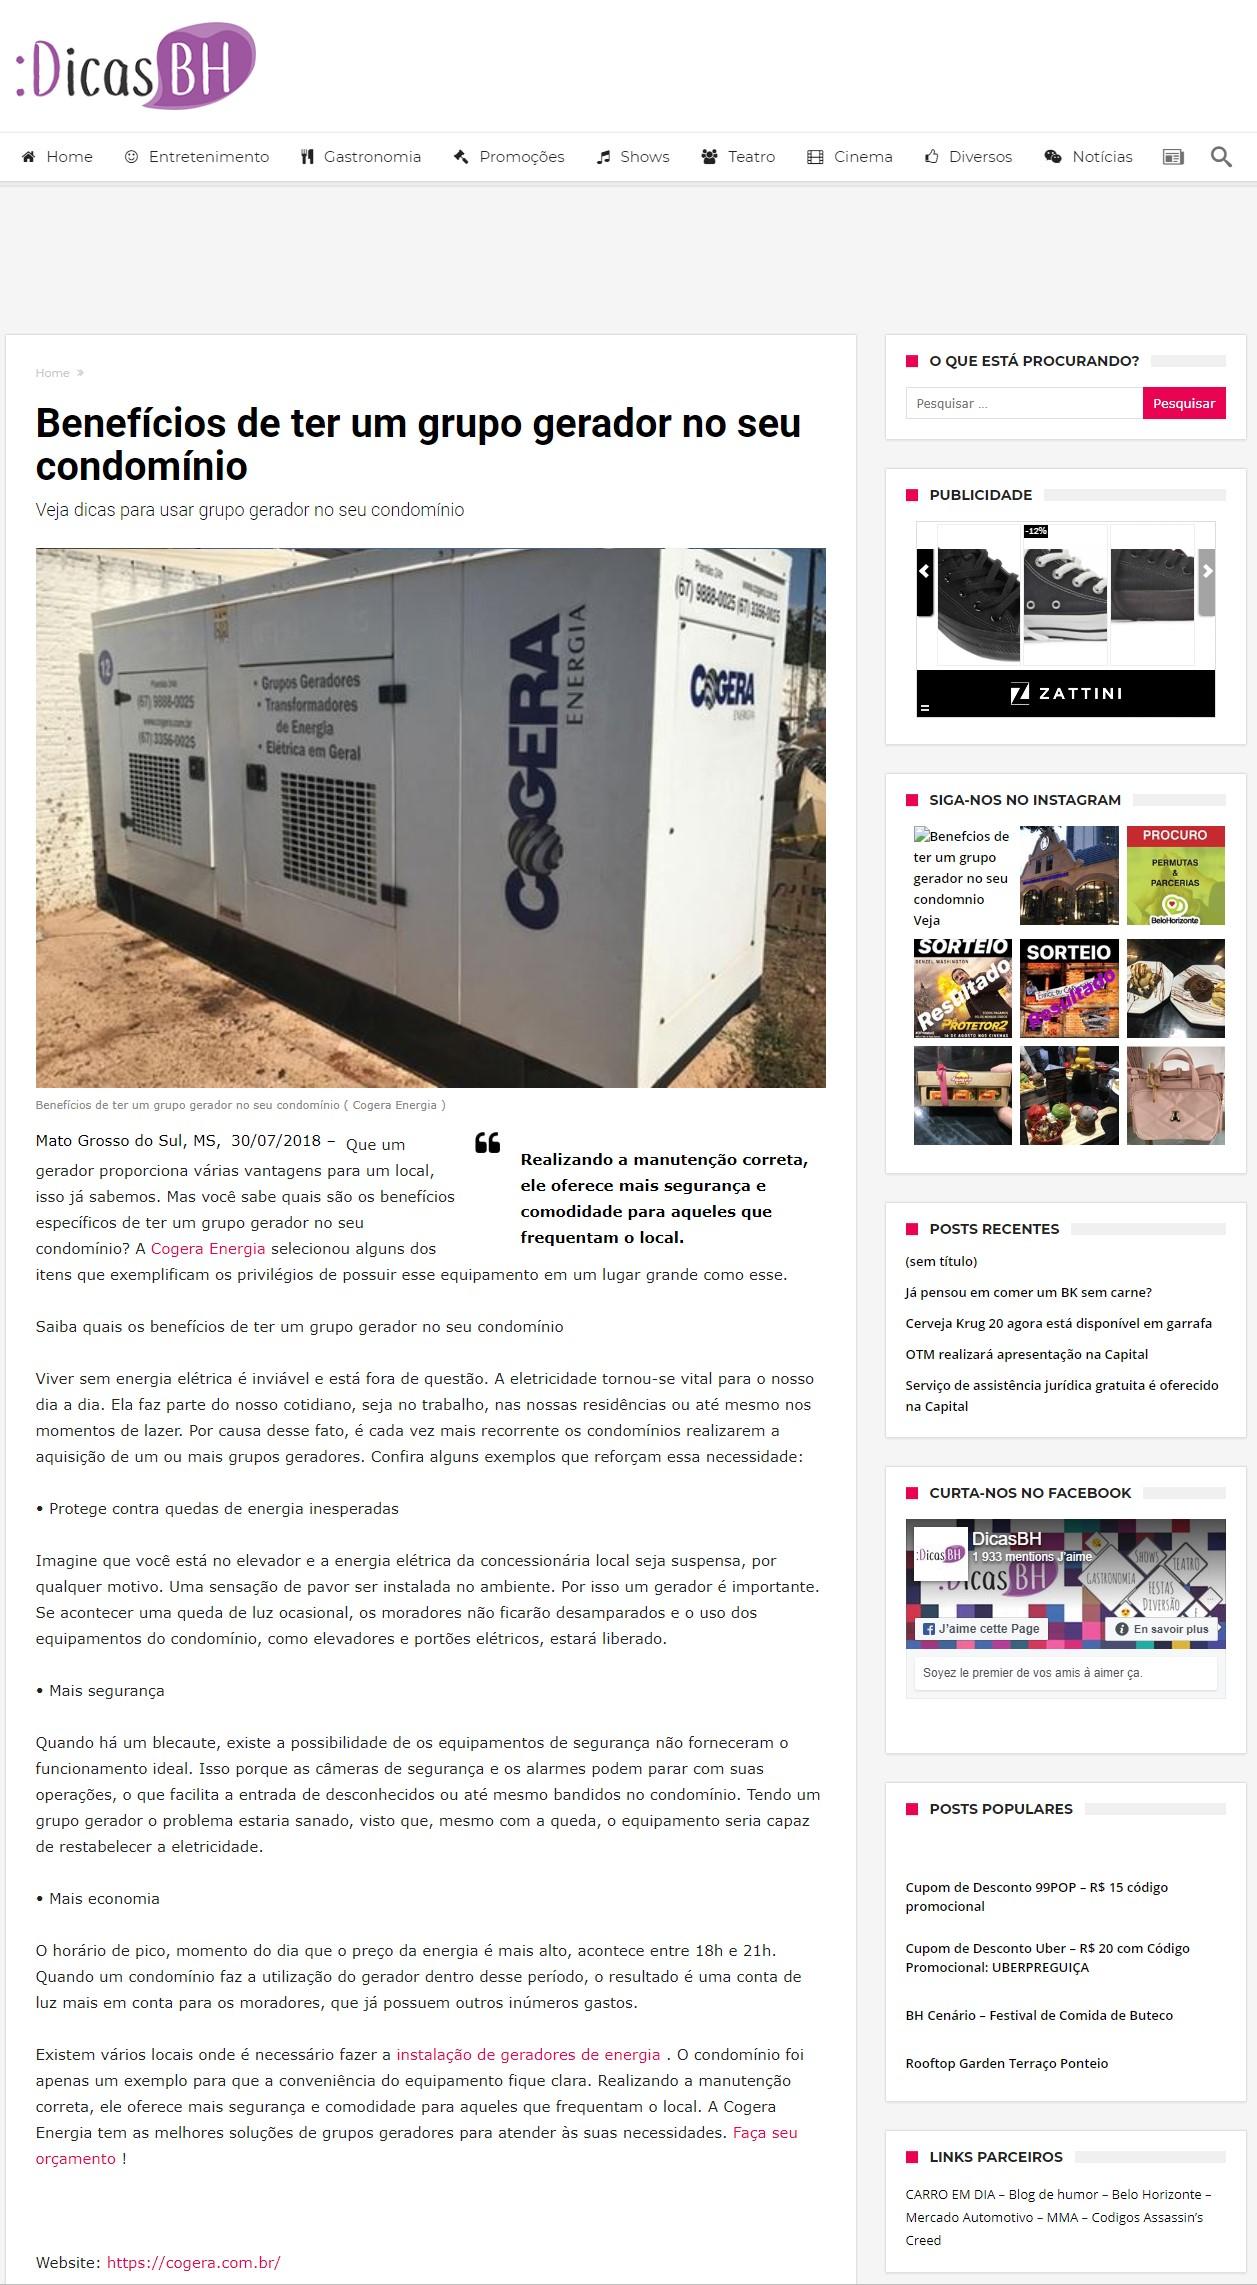 Notícias sobre a Cogera energia - Benefícios de ter um grupo gerador no seu condomínio